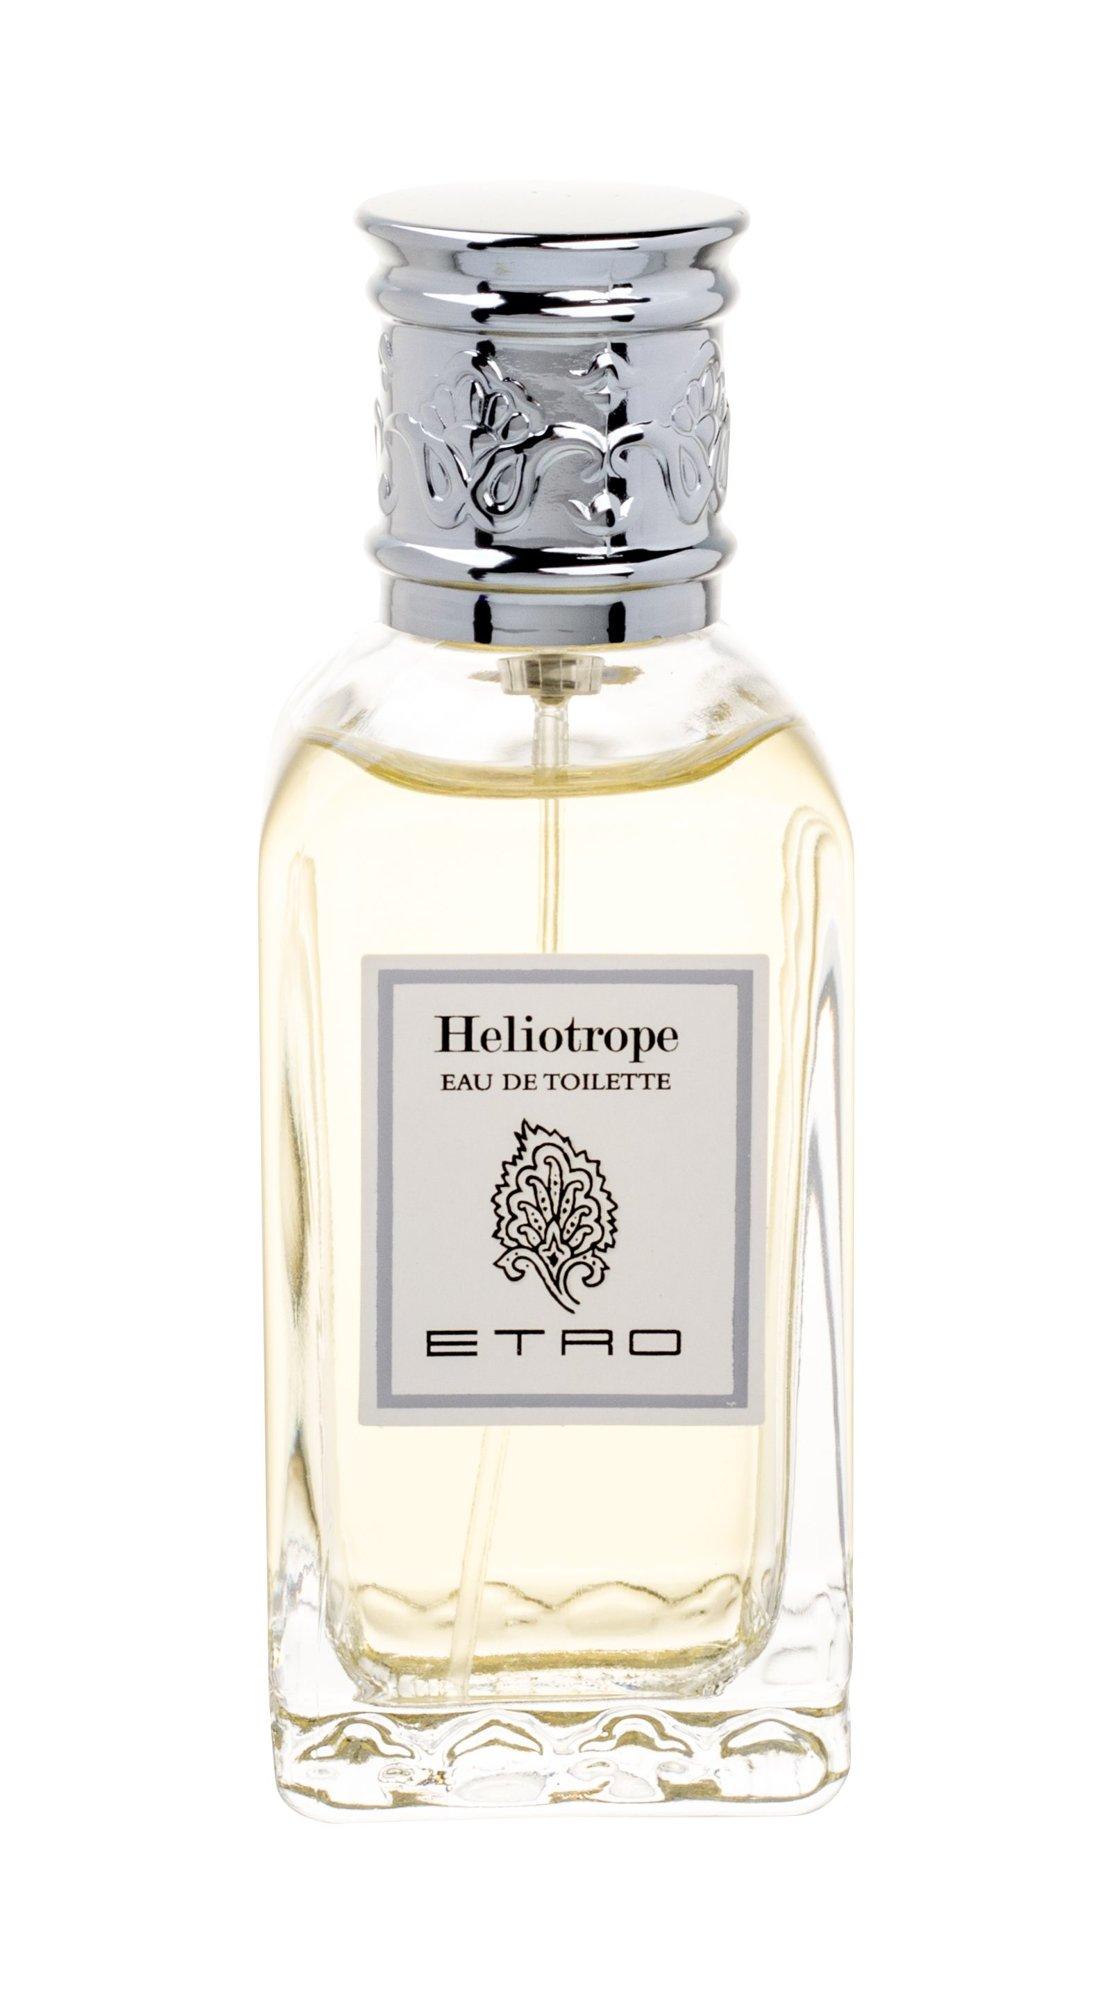 ETRO Heliotrope EDT 50ml